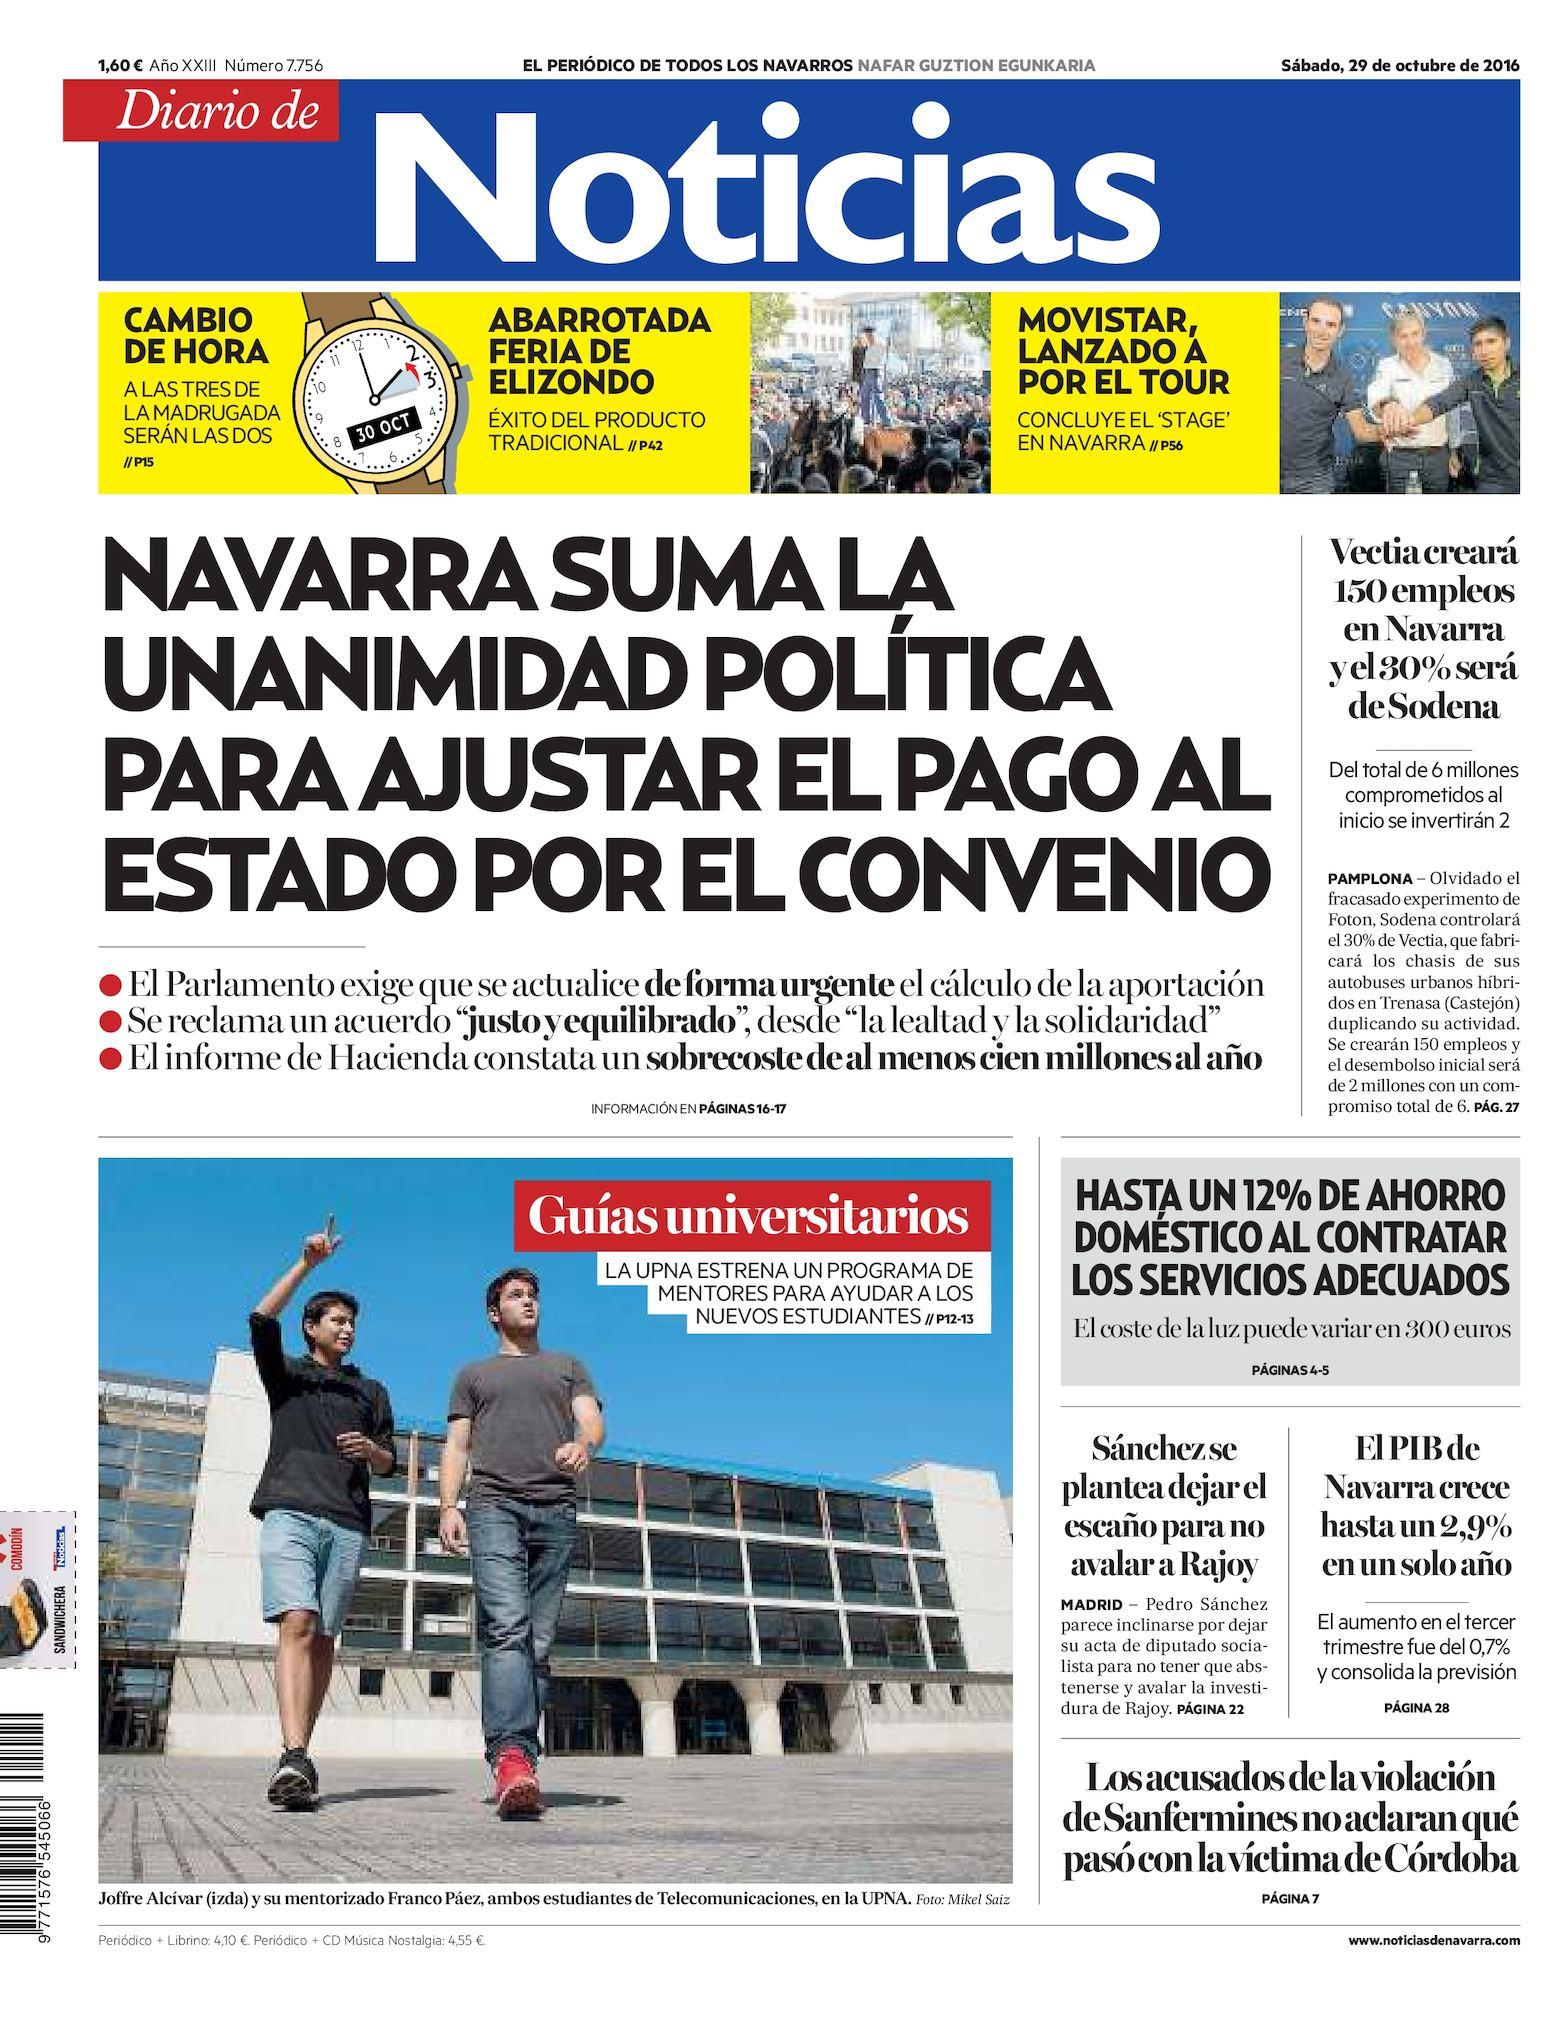 Calaméo - Diario de Noticias 20161029 0bab90ecc205a